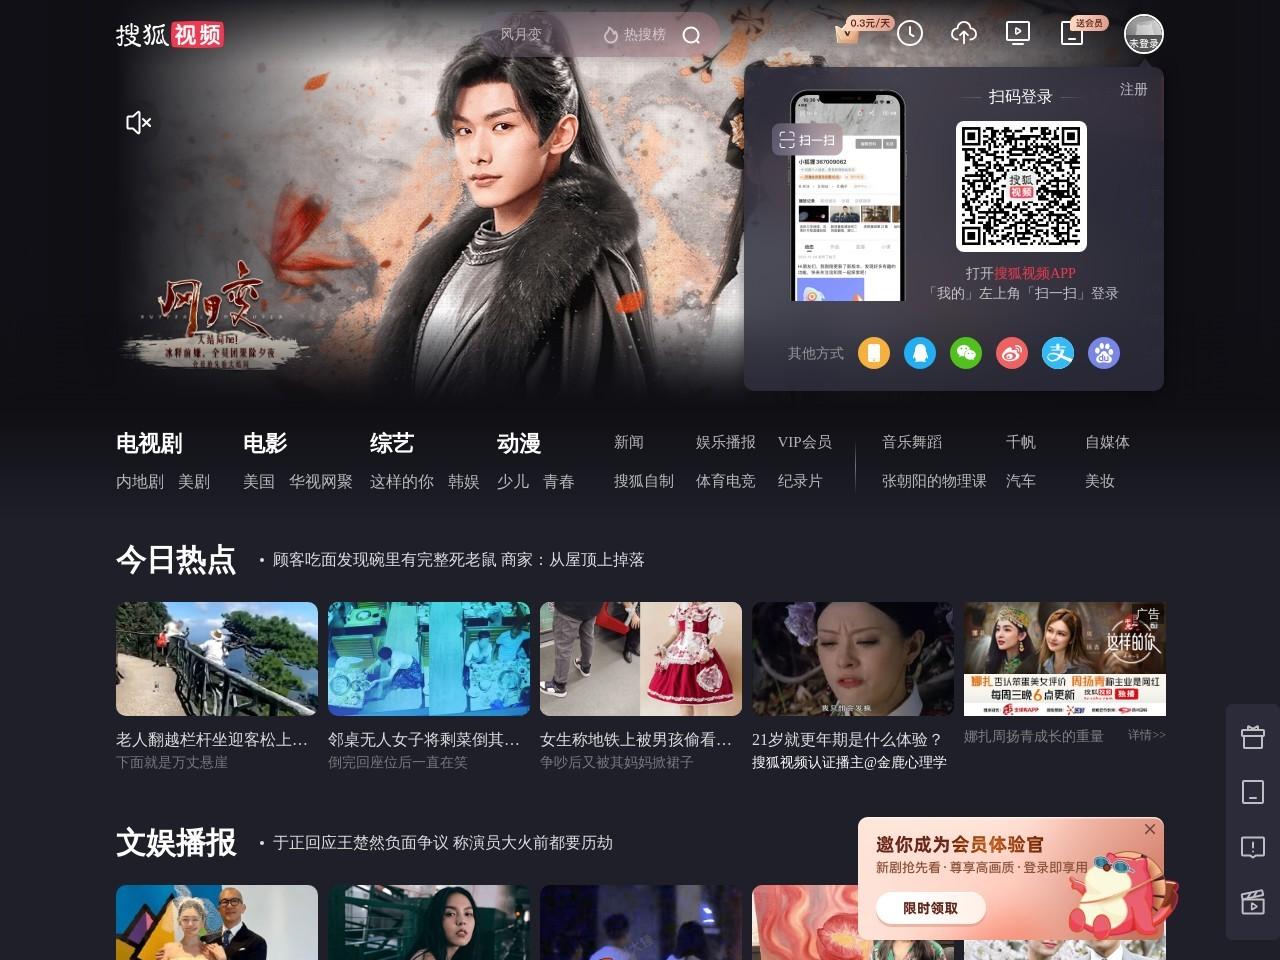 刘诗诗生图美貌引热议 无滤镜无修图更添韵味-娱乐视频-搜狐视频